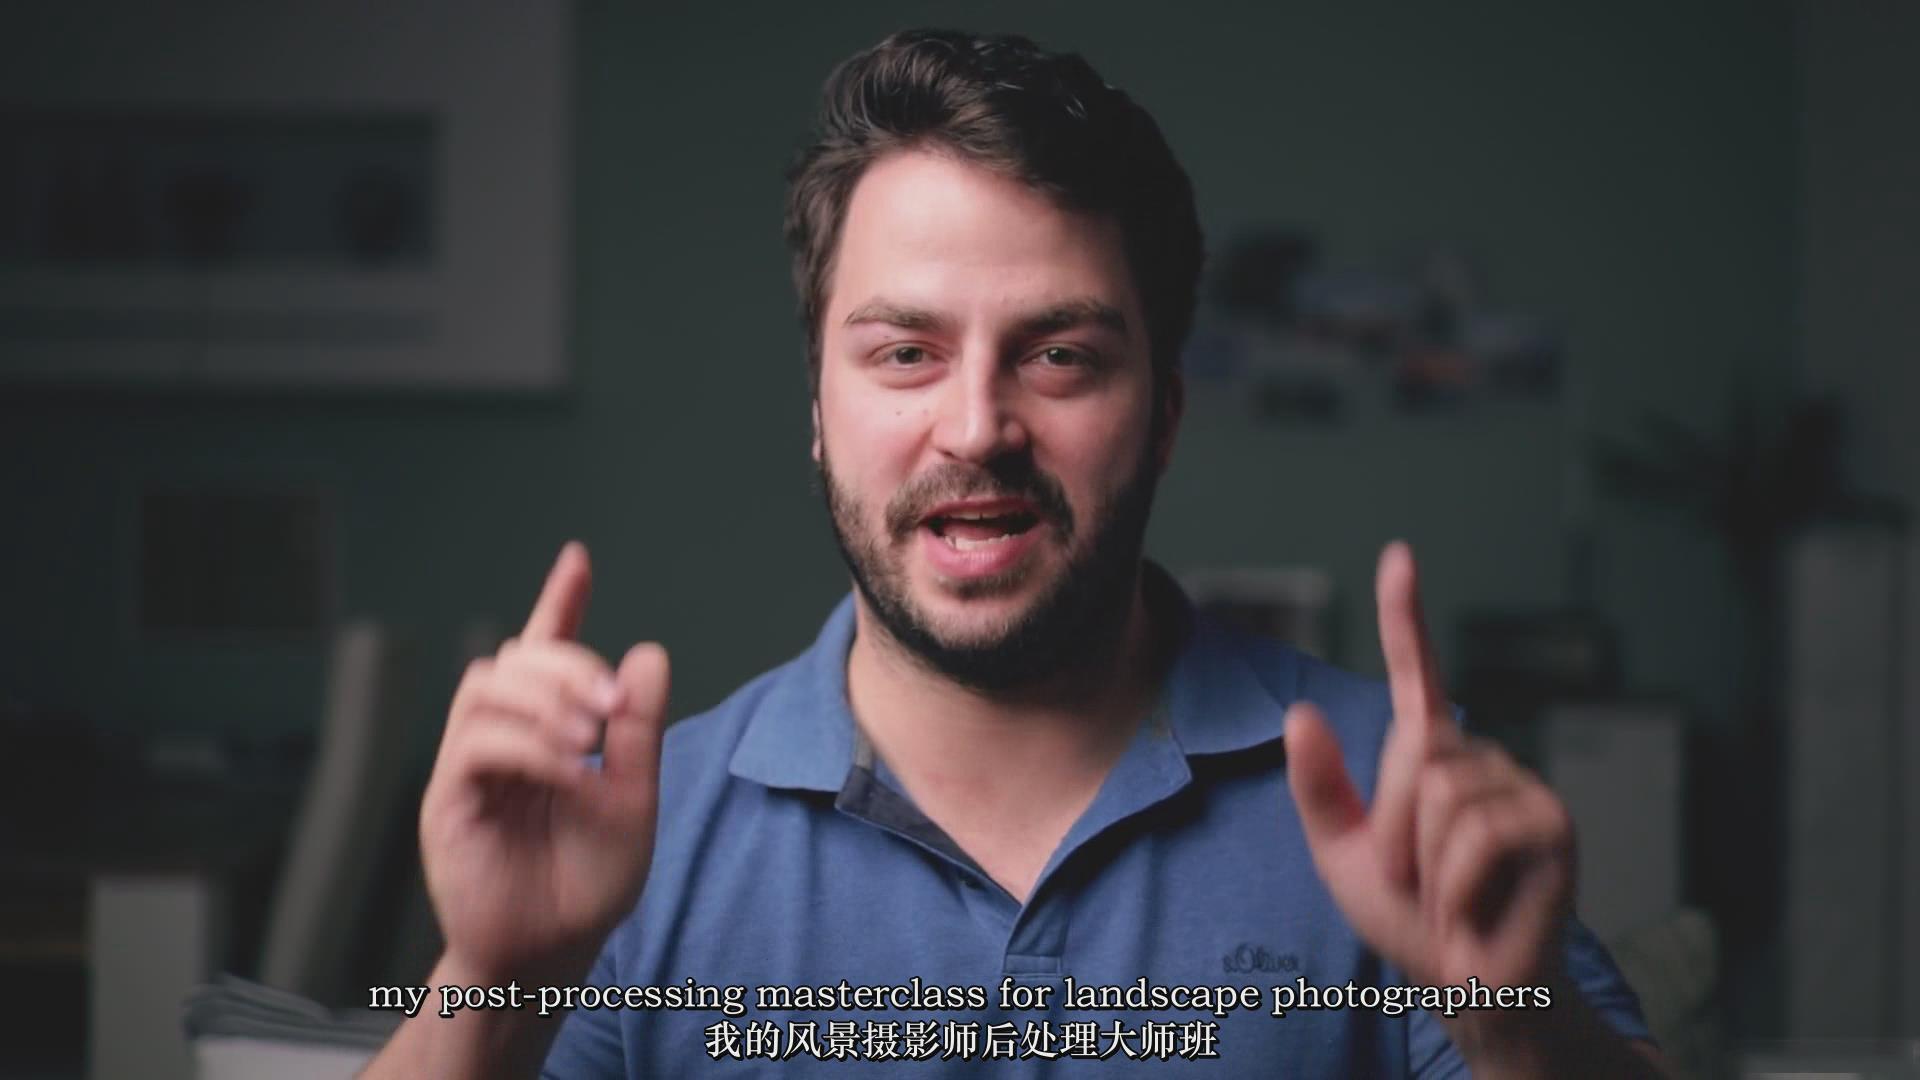 摄影教程_Daniel Fleischhacker景观和自然风光摄影Photoshop后期大师班-中英字幕 摄影教程 _预览图2